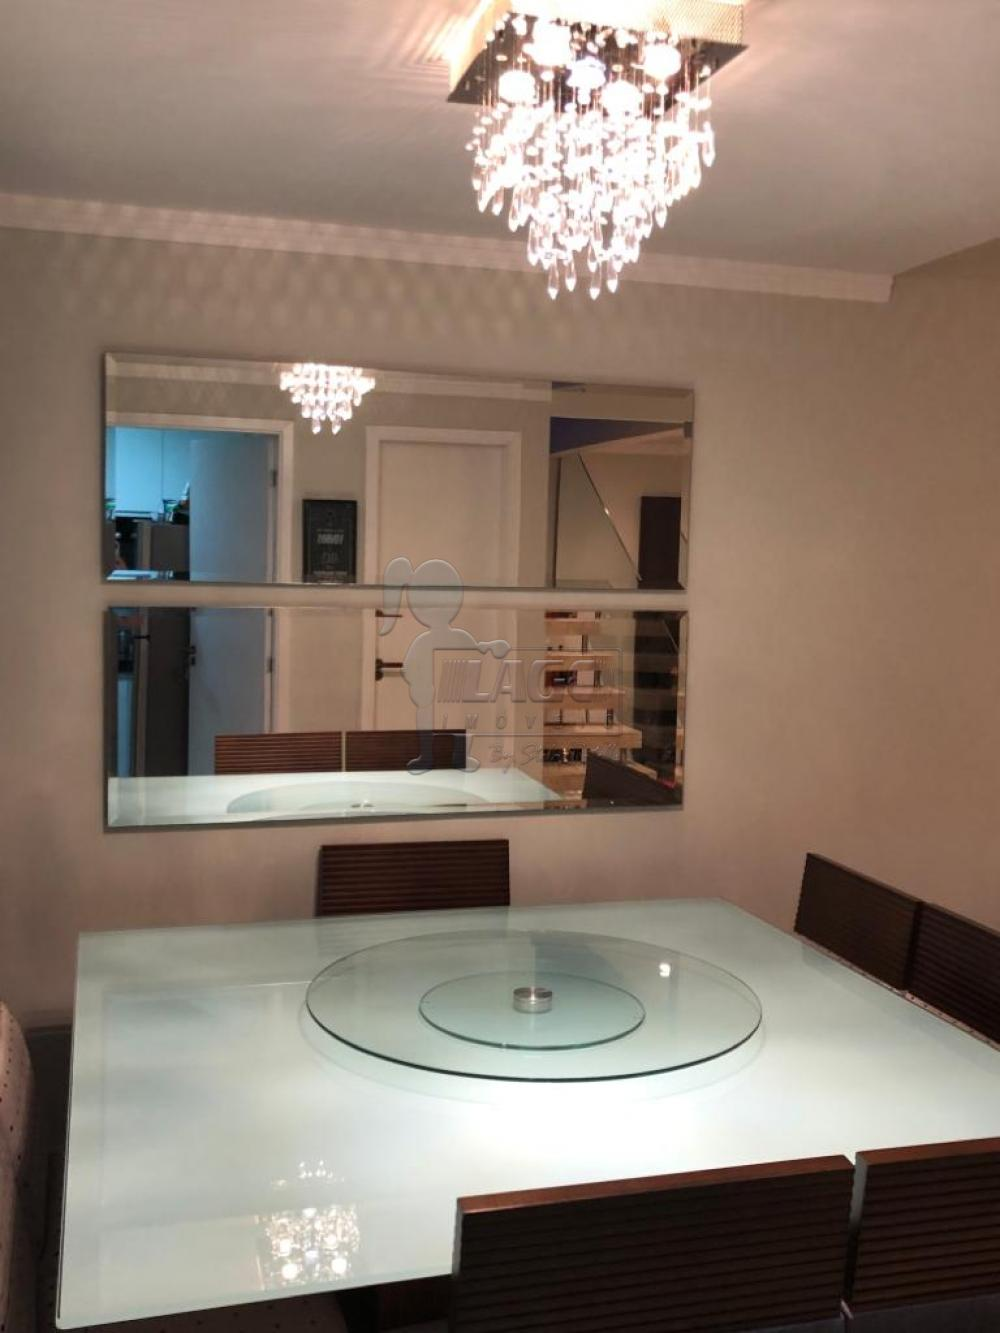 Comprar Casas / Condomínio em Ribeirão Preto apenas R$ 455.000,00 - Foto 23